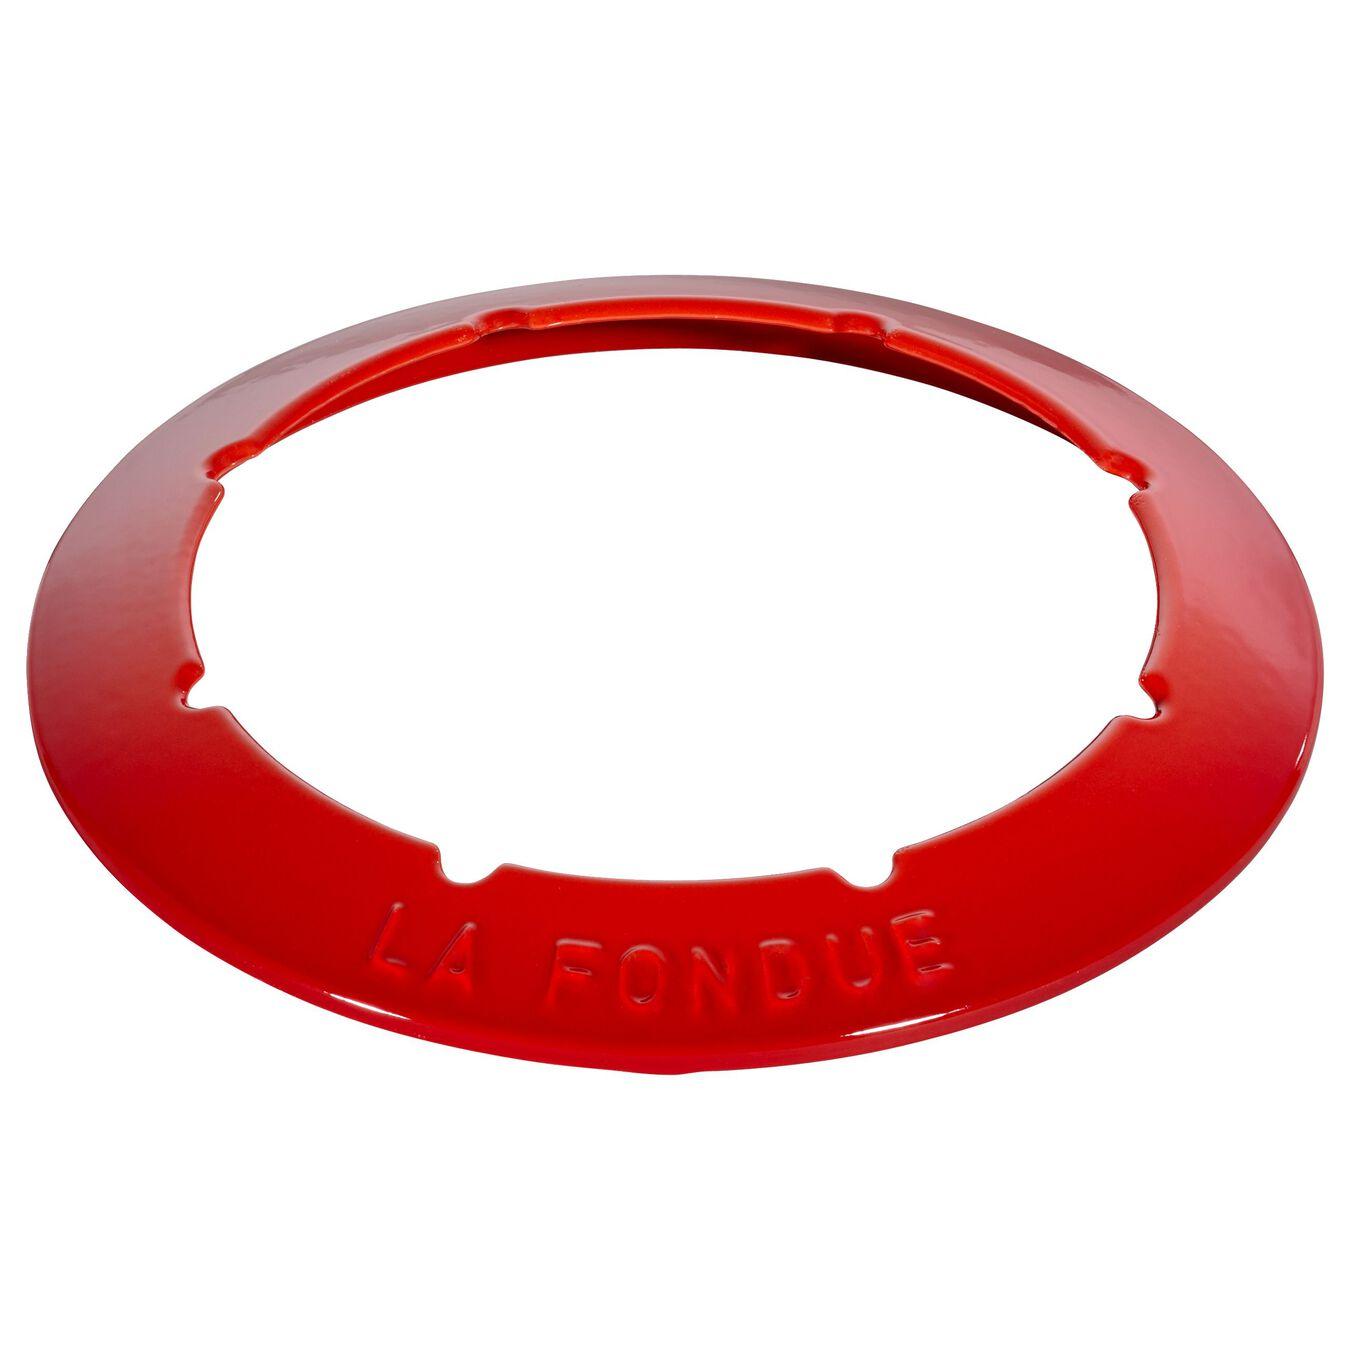 Fondue Set 20 cm, Kirsch-Rot,,large 8